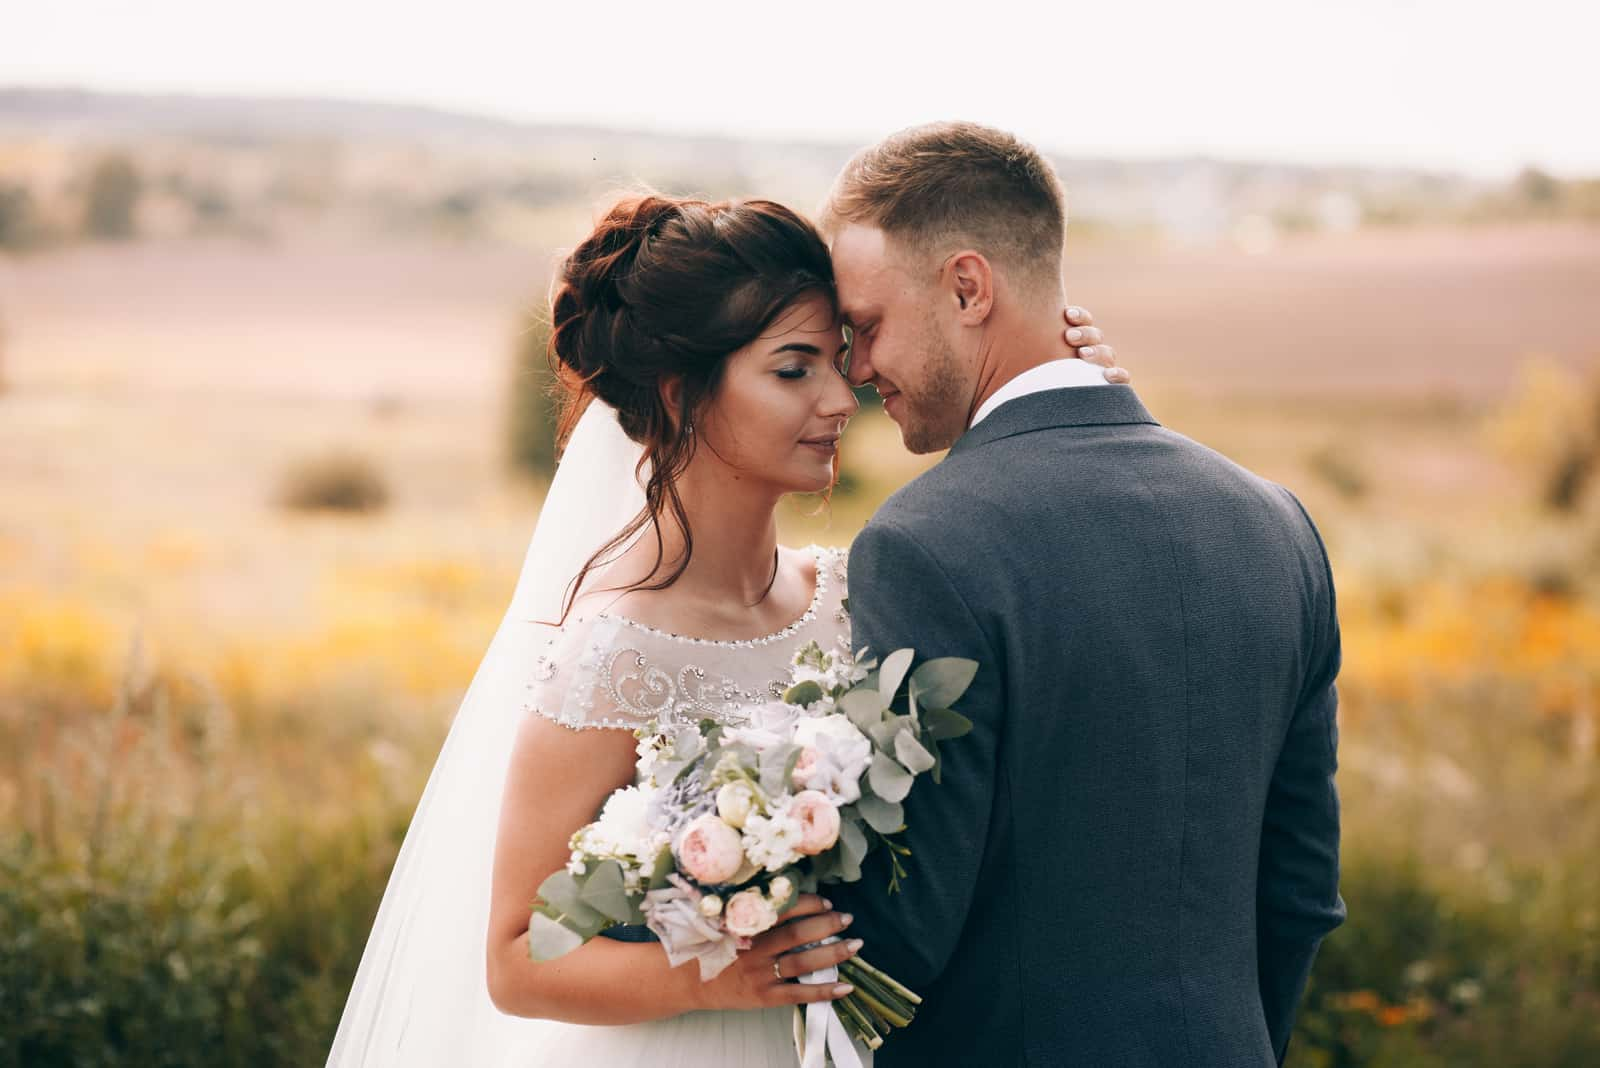 Braut und Bräutigam in einem Park küssen